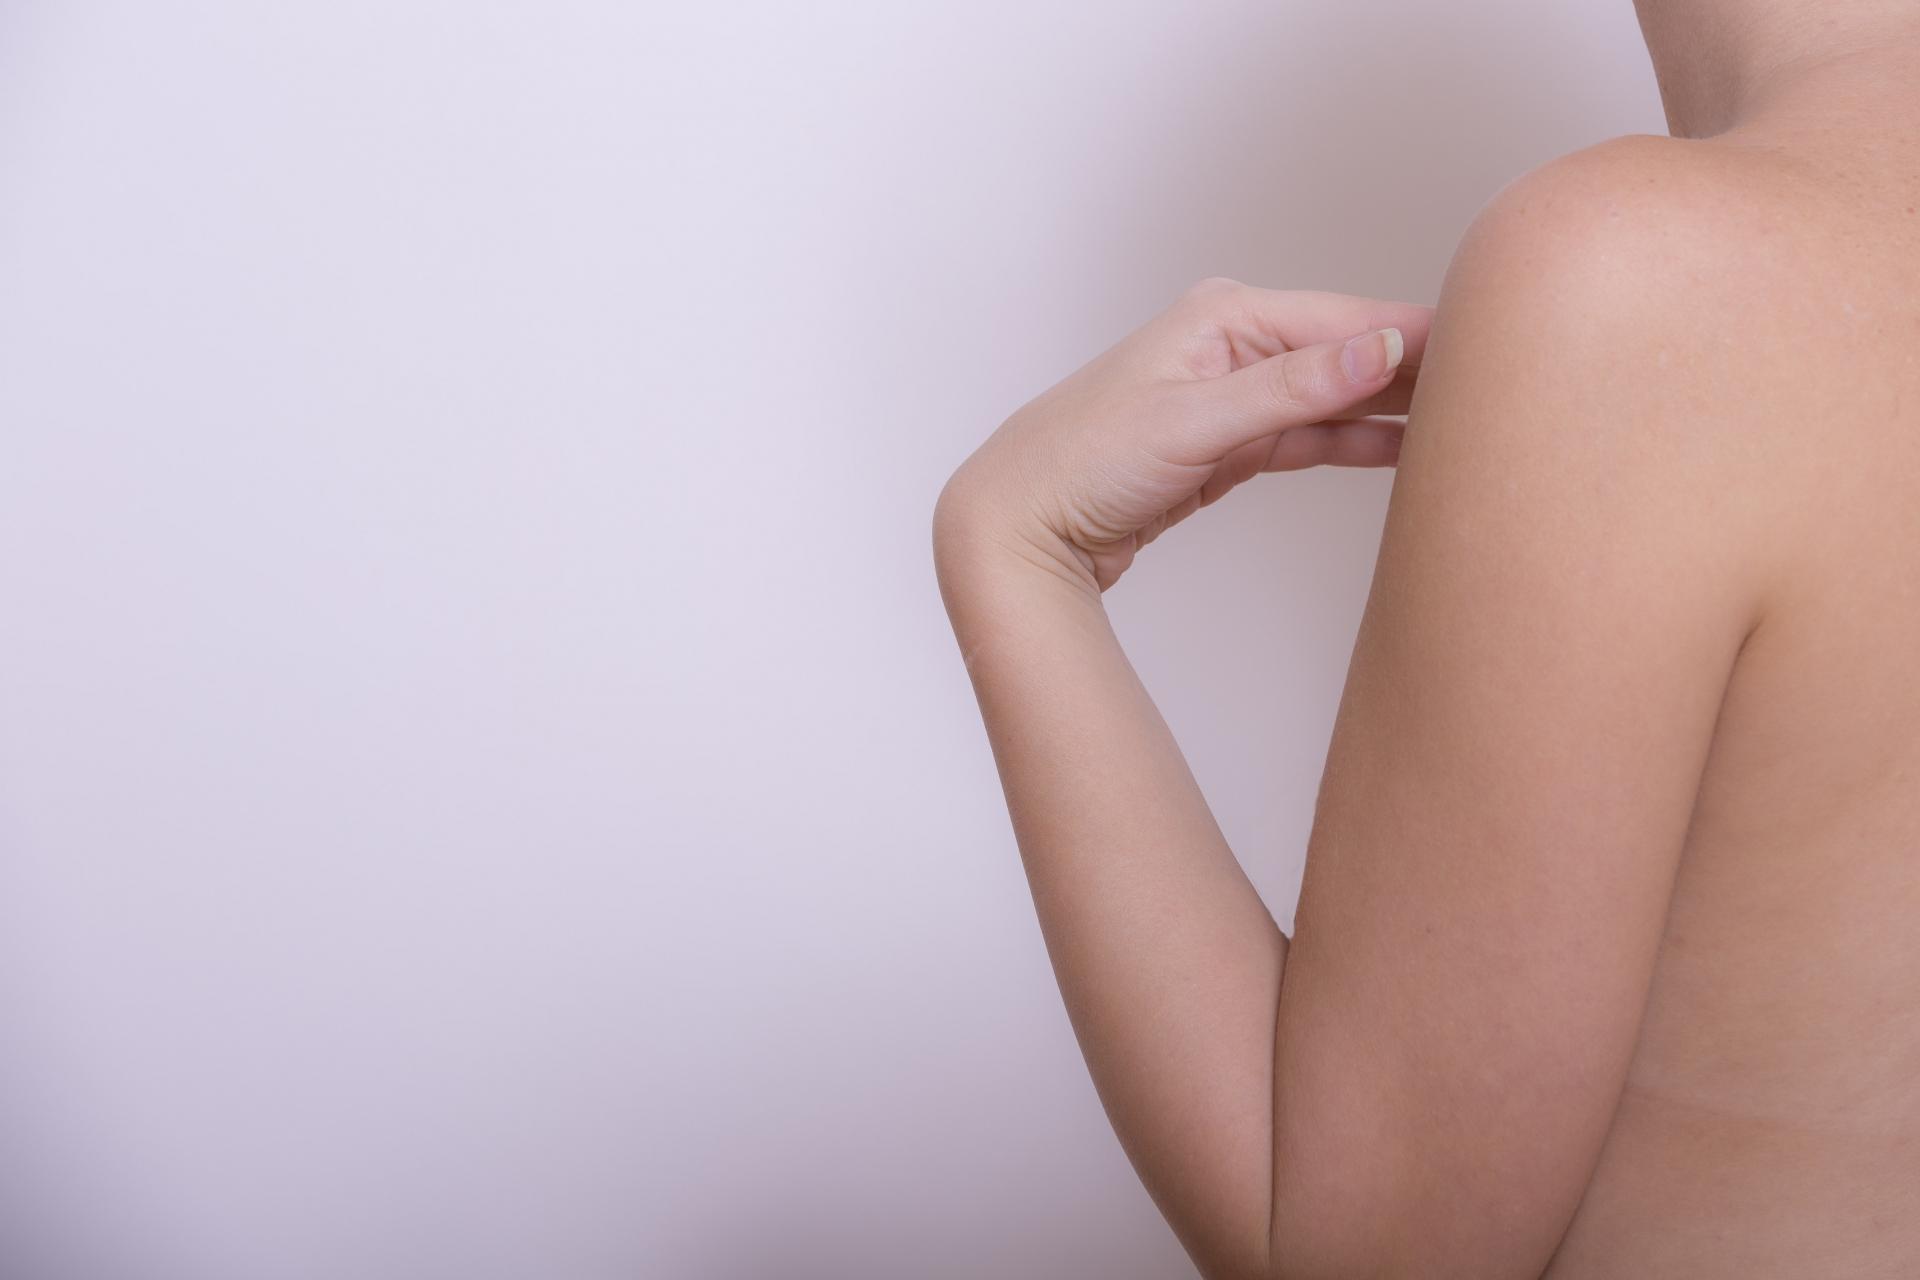 腕が細い原因を理解して、正しい方法で筋トレをしましょう